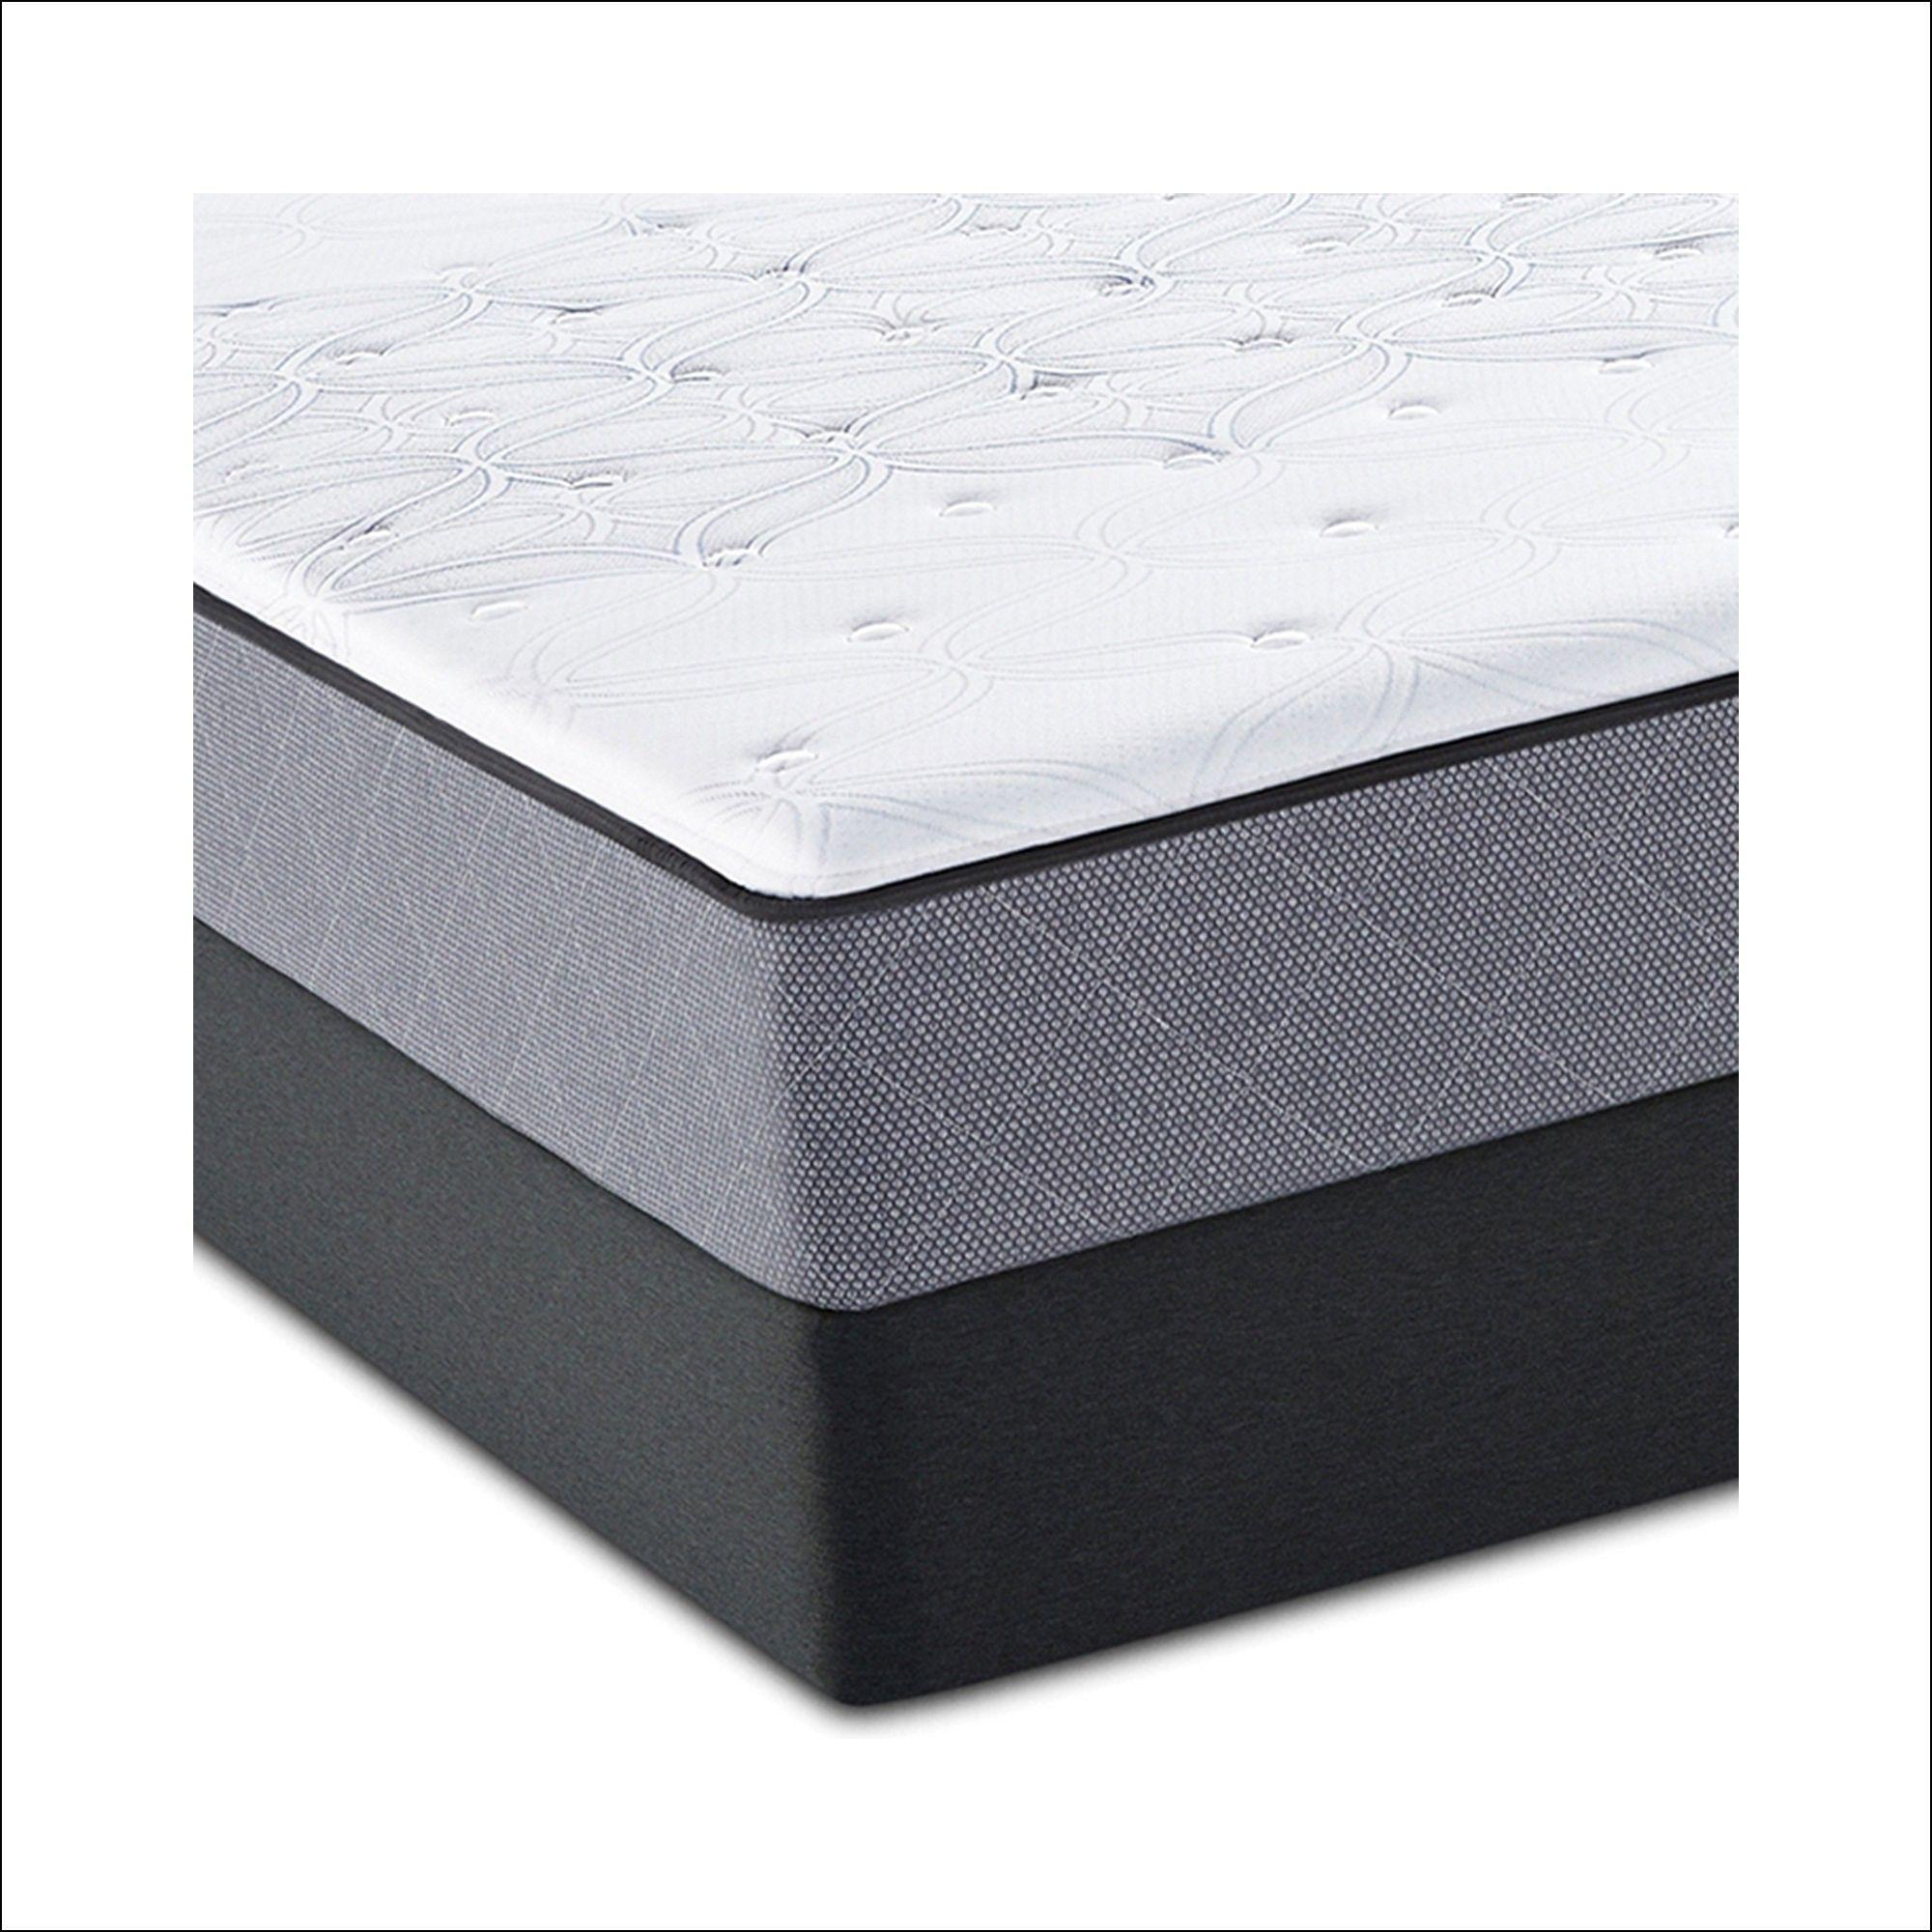 Loft bed plans for full size mattress  Good Coil Count for Queen Mattress  Mattress Ideas  Pinterest